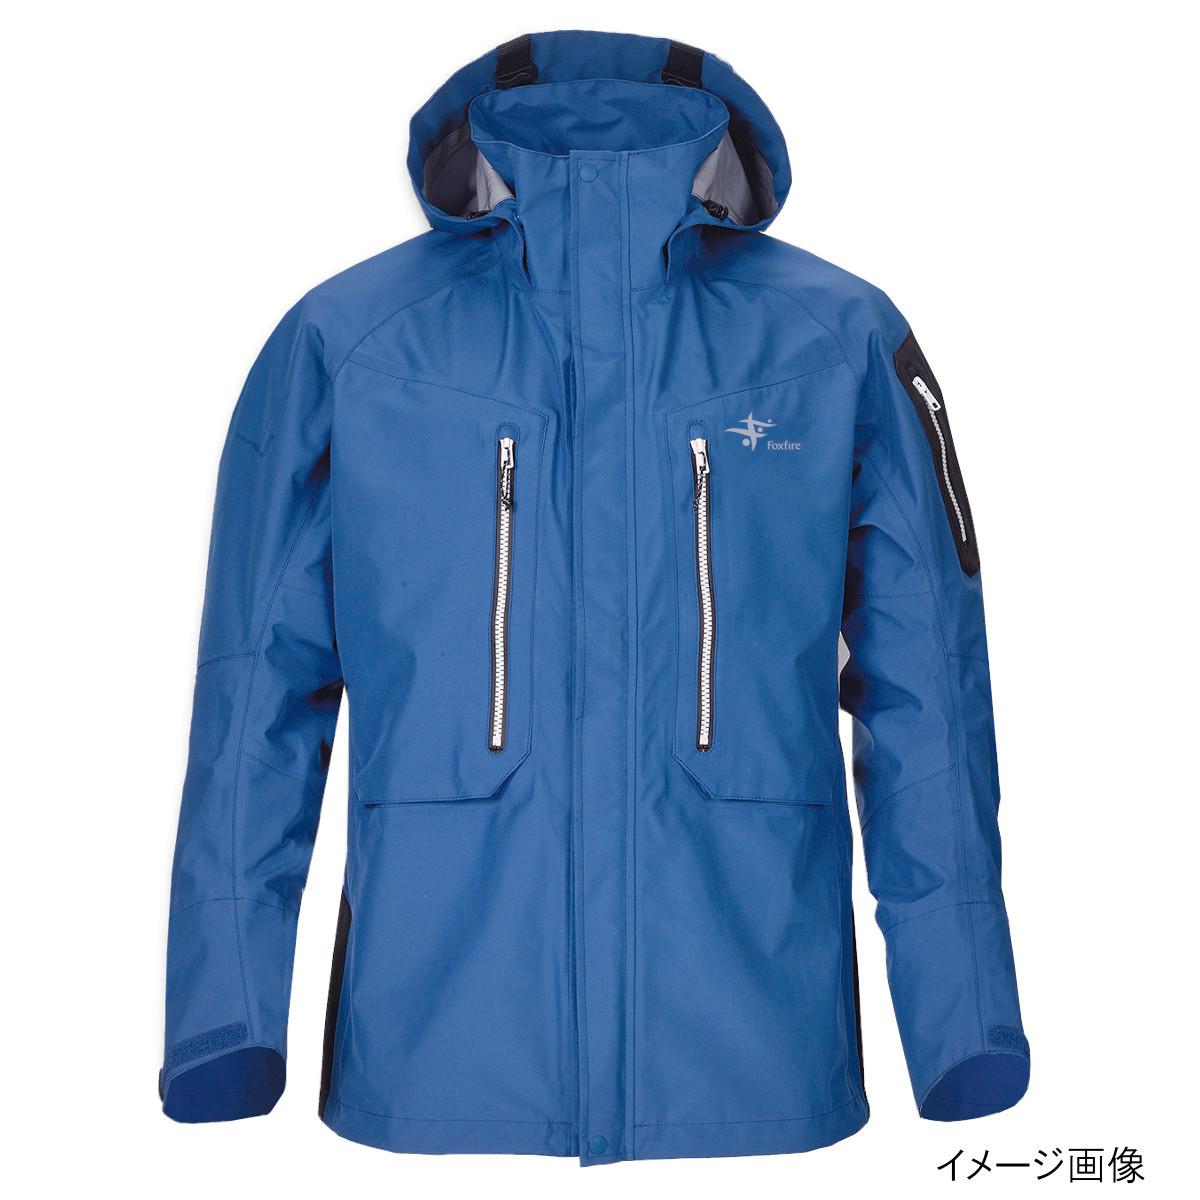 ストーミーDSジャケット L ブルー(東日本店)